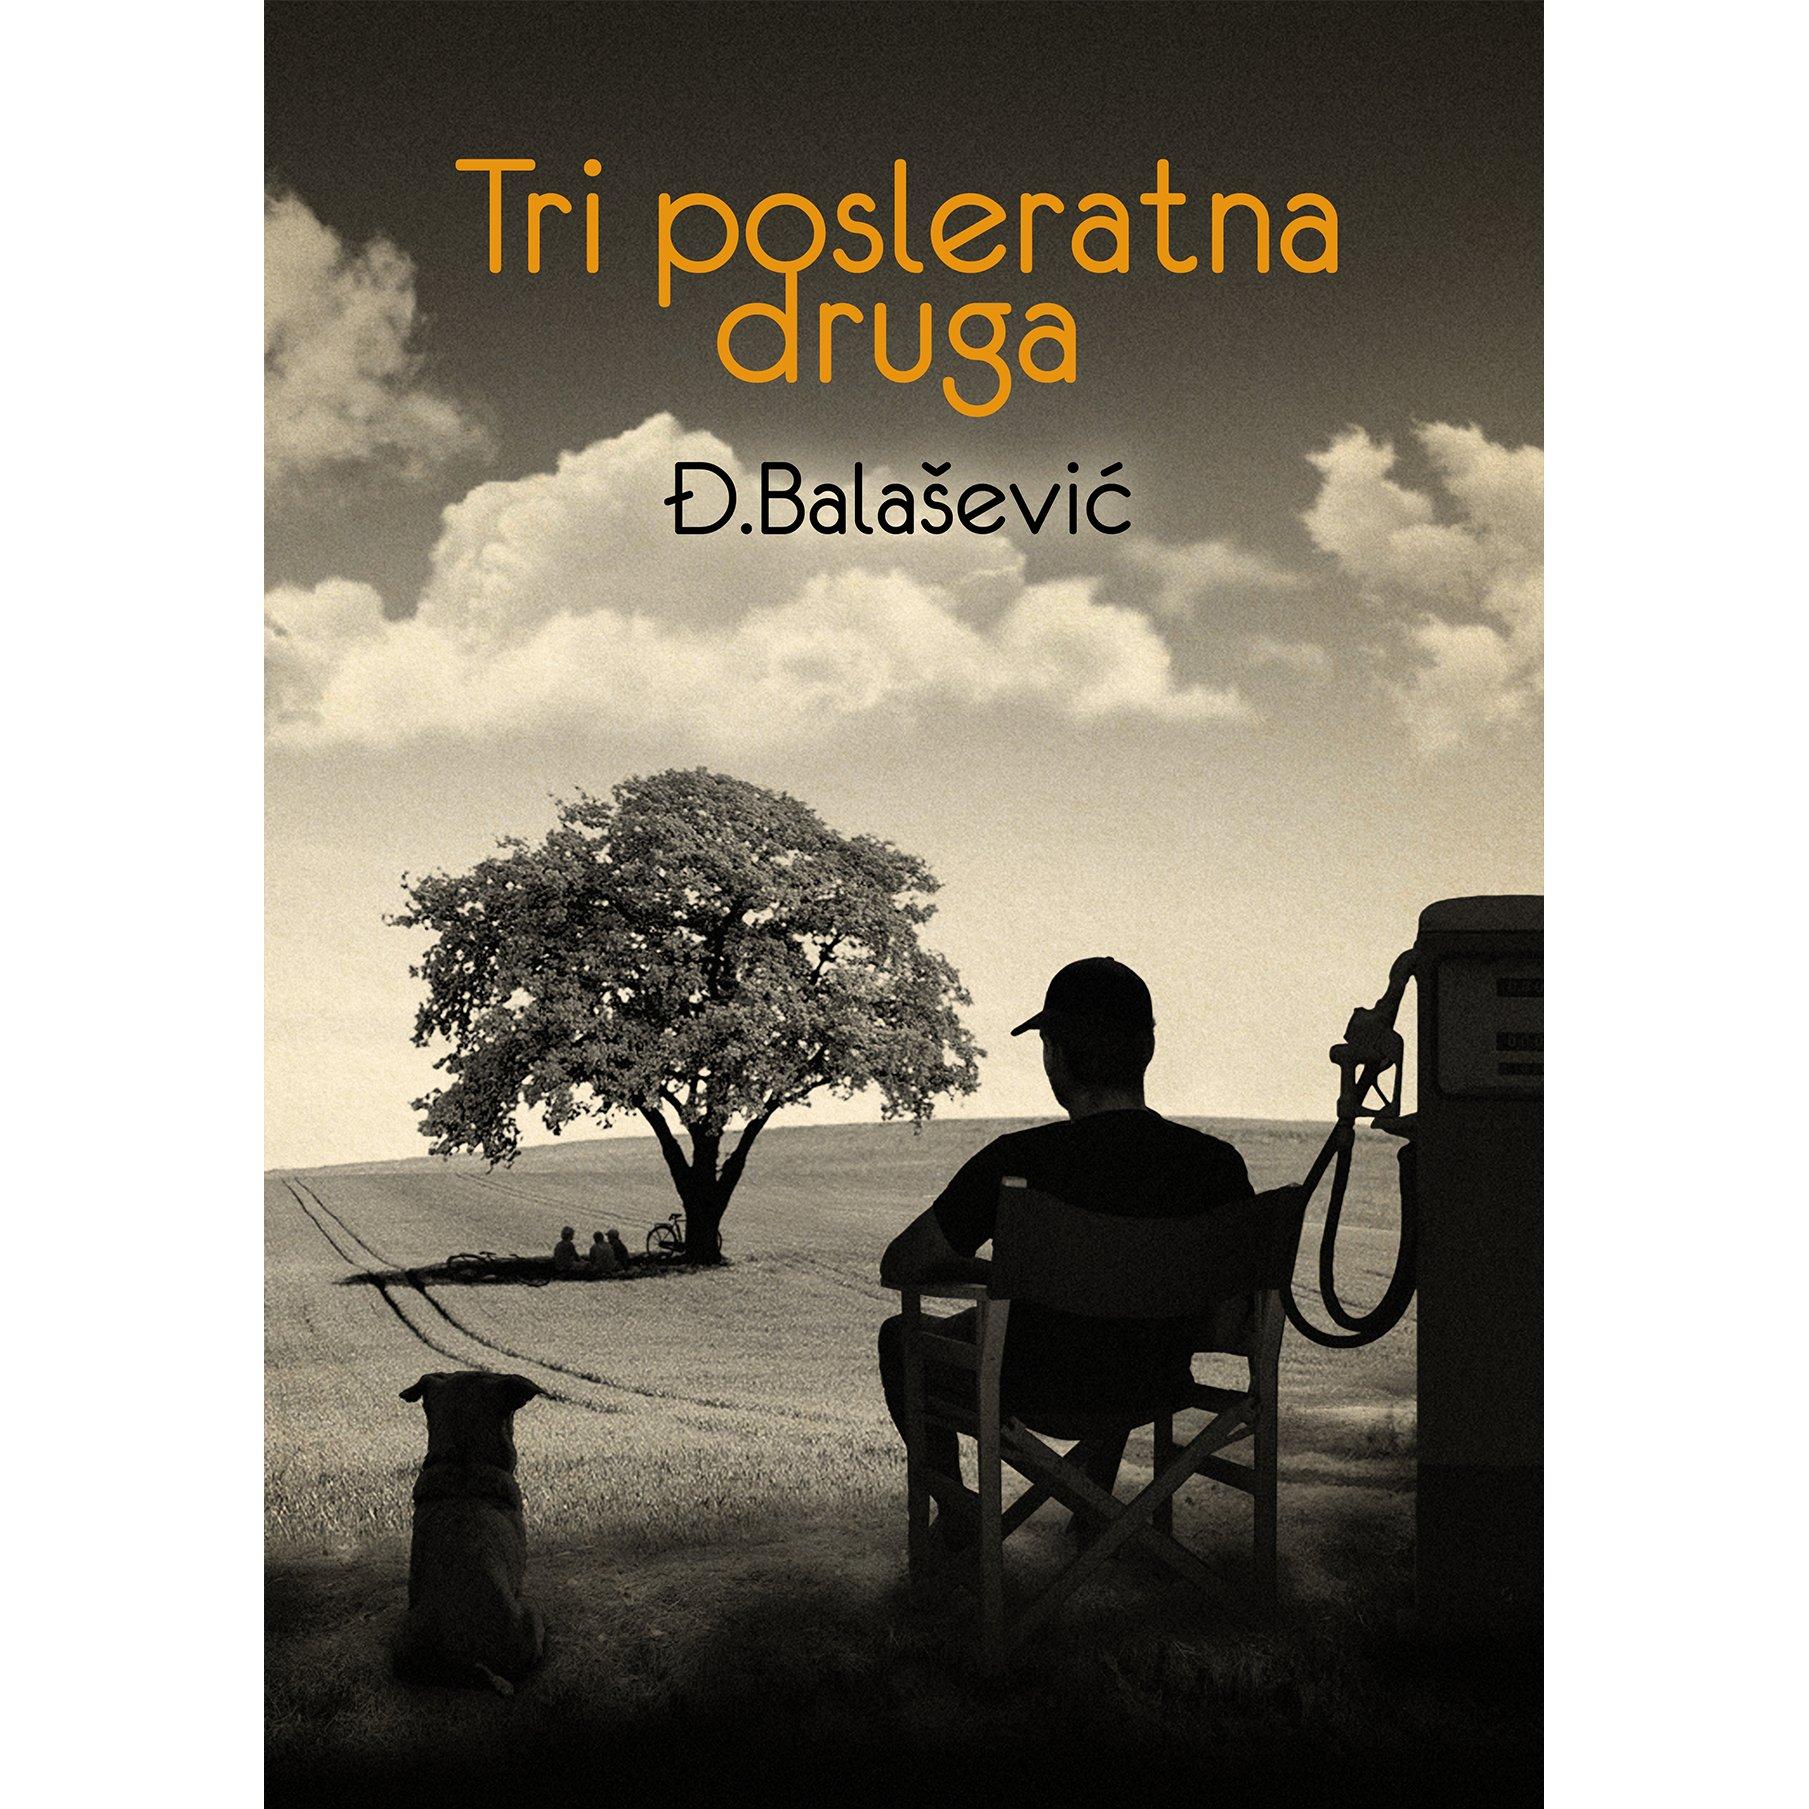 Đorđe Balašević - Tri posleratna druga